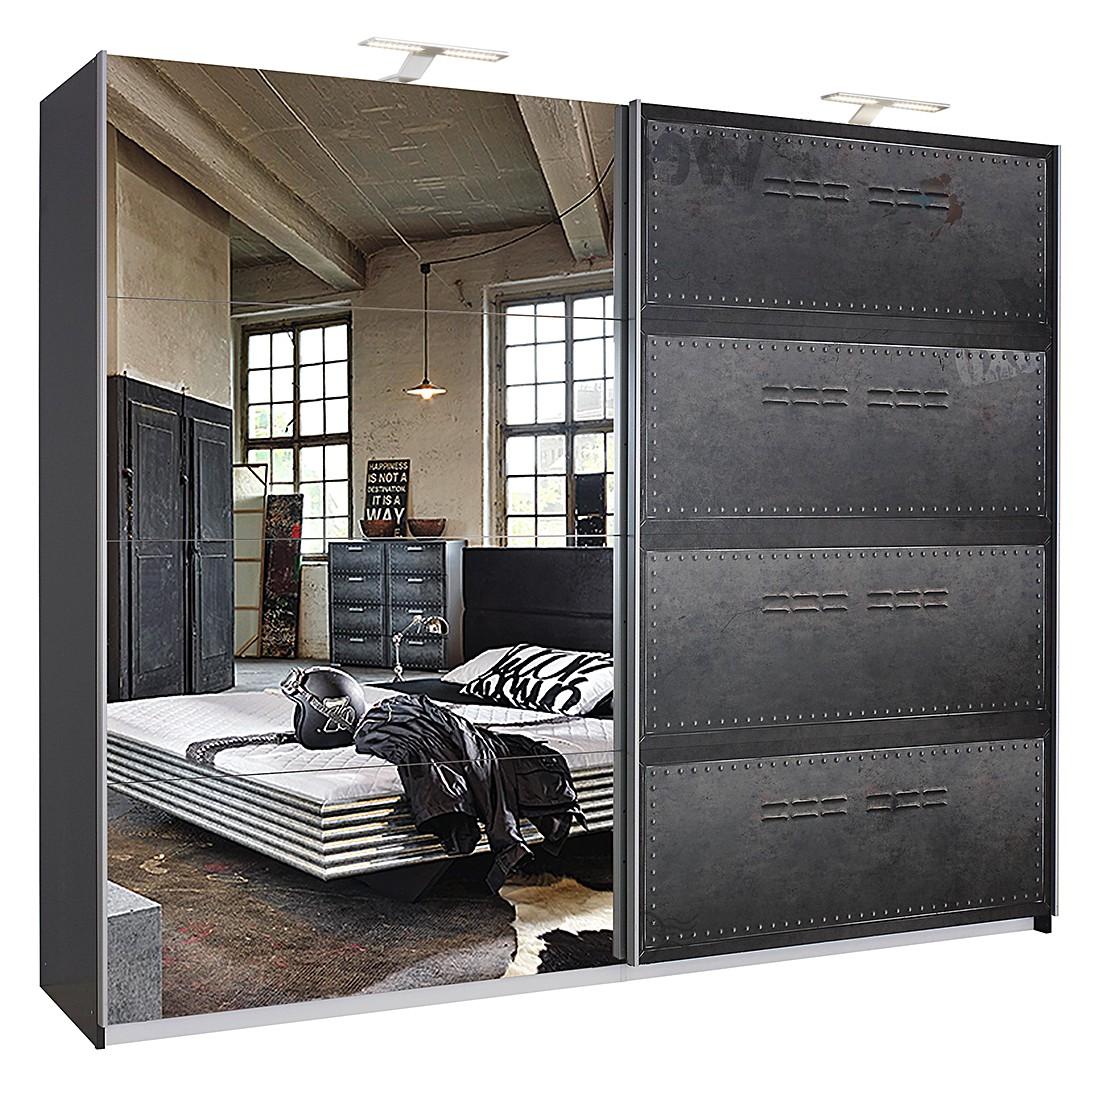 goedkoop Draaideurkast Workbase industrial print look grafietkleurig Met verlichting 270cm 2 deurs Rauch Select